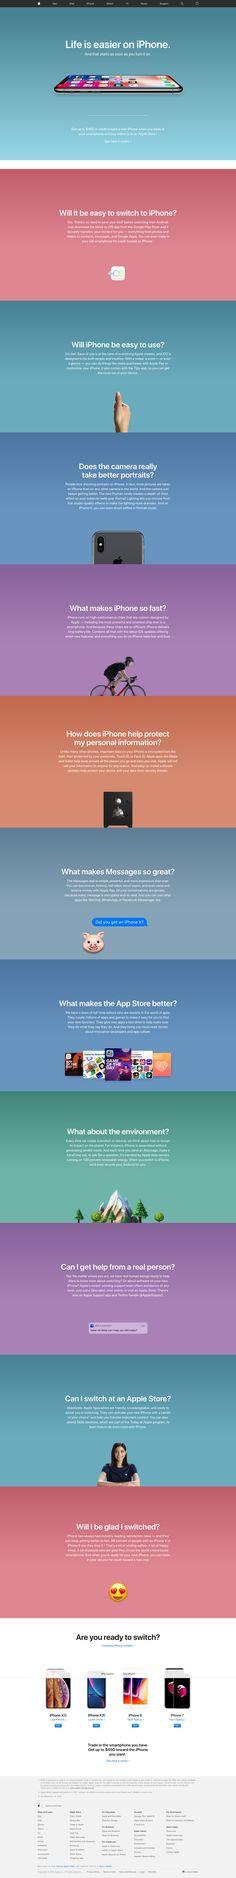 Apple Commercial, Desktop Screenshot, Iphone